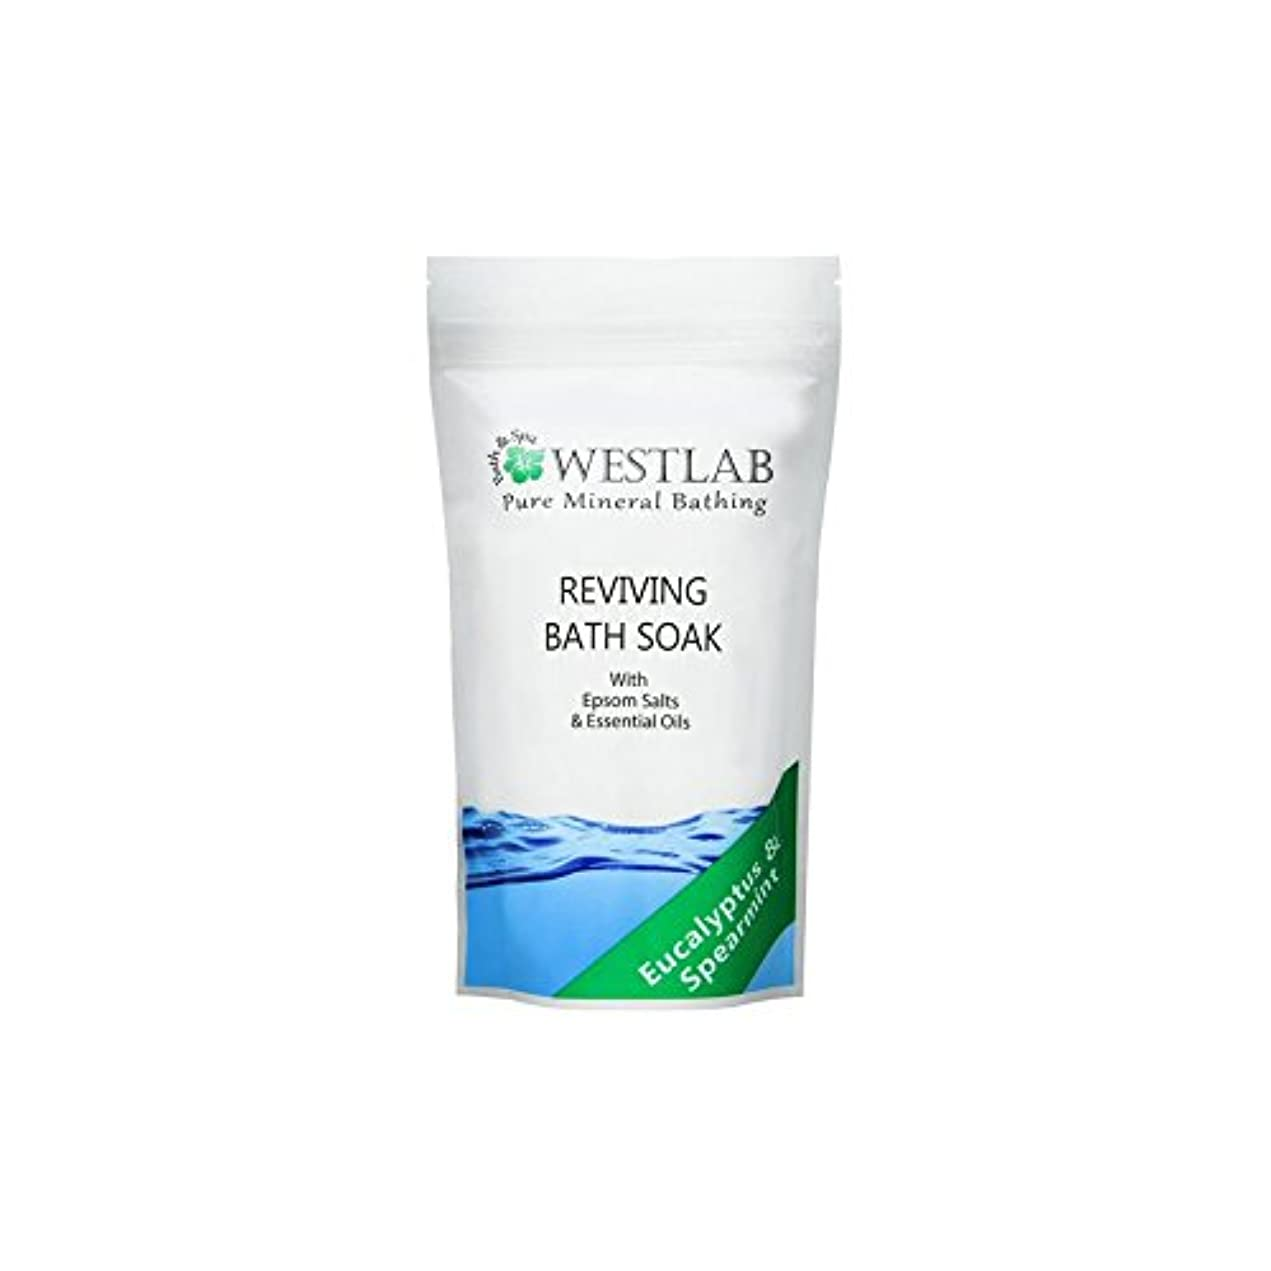 悔い改めチーフヒューバートハドソン(500グラム)をソークエプソム塩浴を復活させます x2 - Westlab Revive Epsom Salt Bath Soak (500g) (Pack of 2) [並行輸入品]